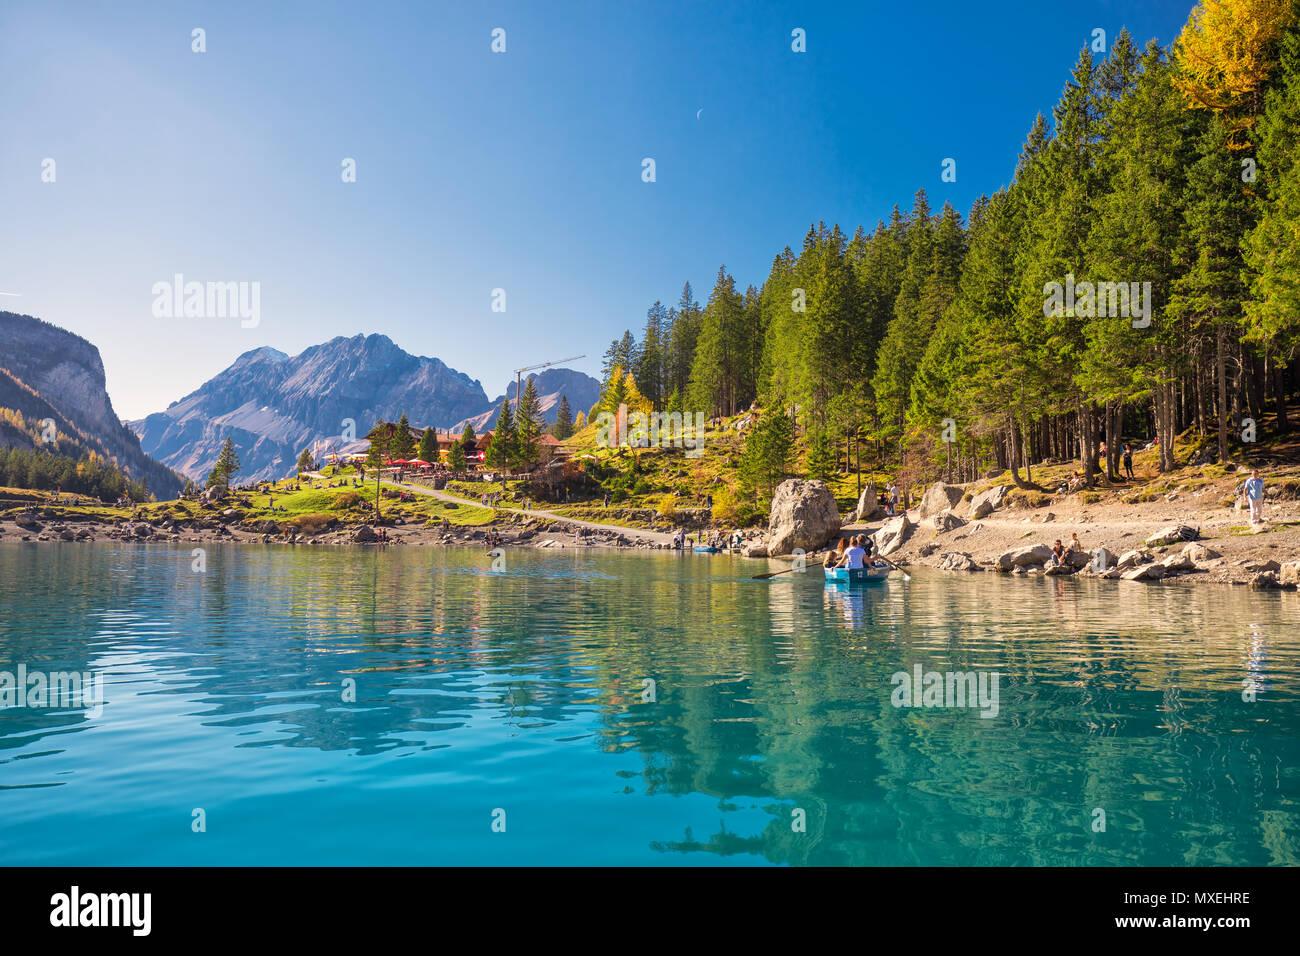 OESCHINENSEE, SCHWEIZ - Oktober 2017 - Amazing tourquise Oeschinnensee mit Wasserfällen, Chalet aus Holz und Schweizer Alpen, Berner Oberland, Schweiz Stockbild